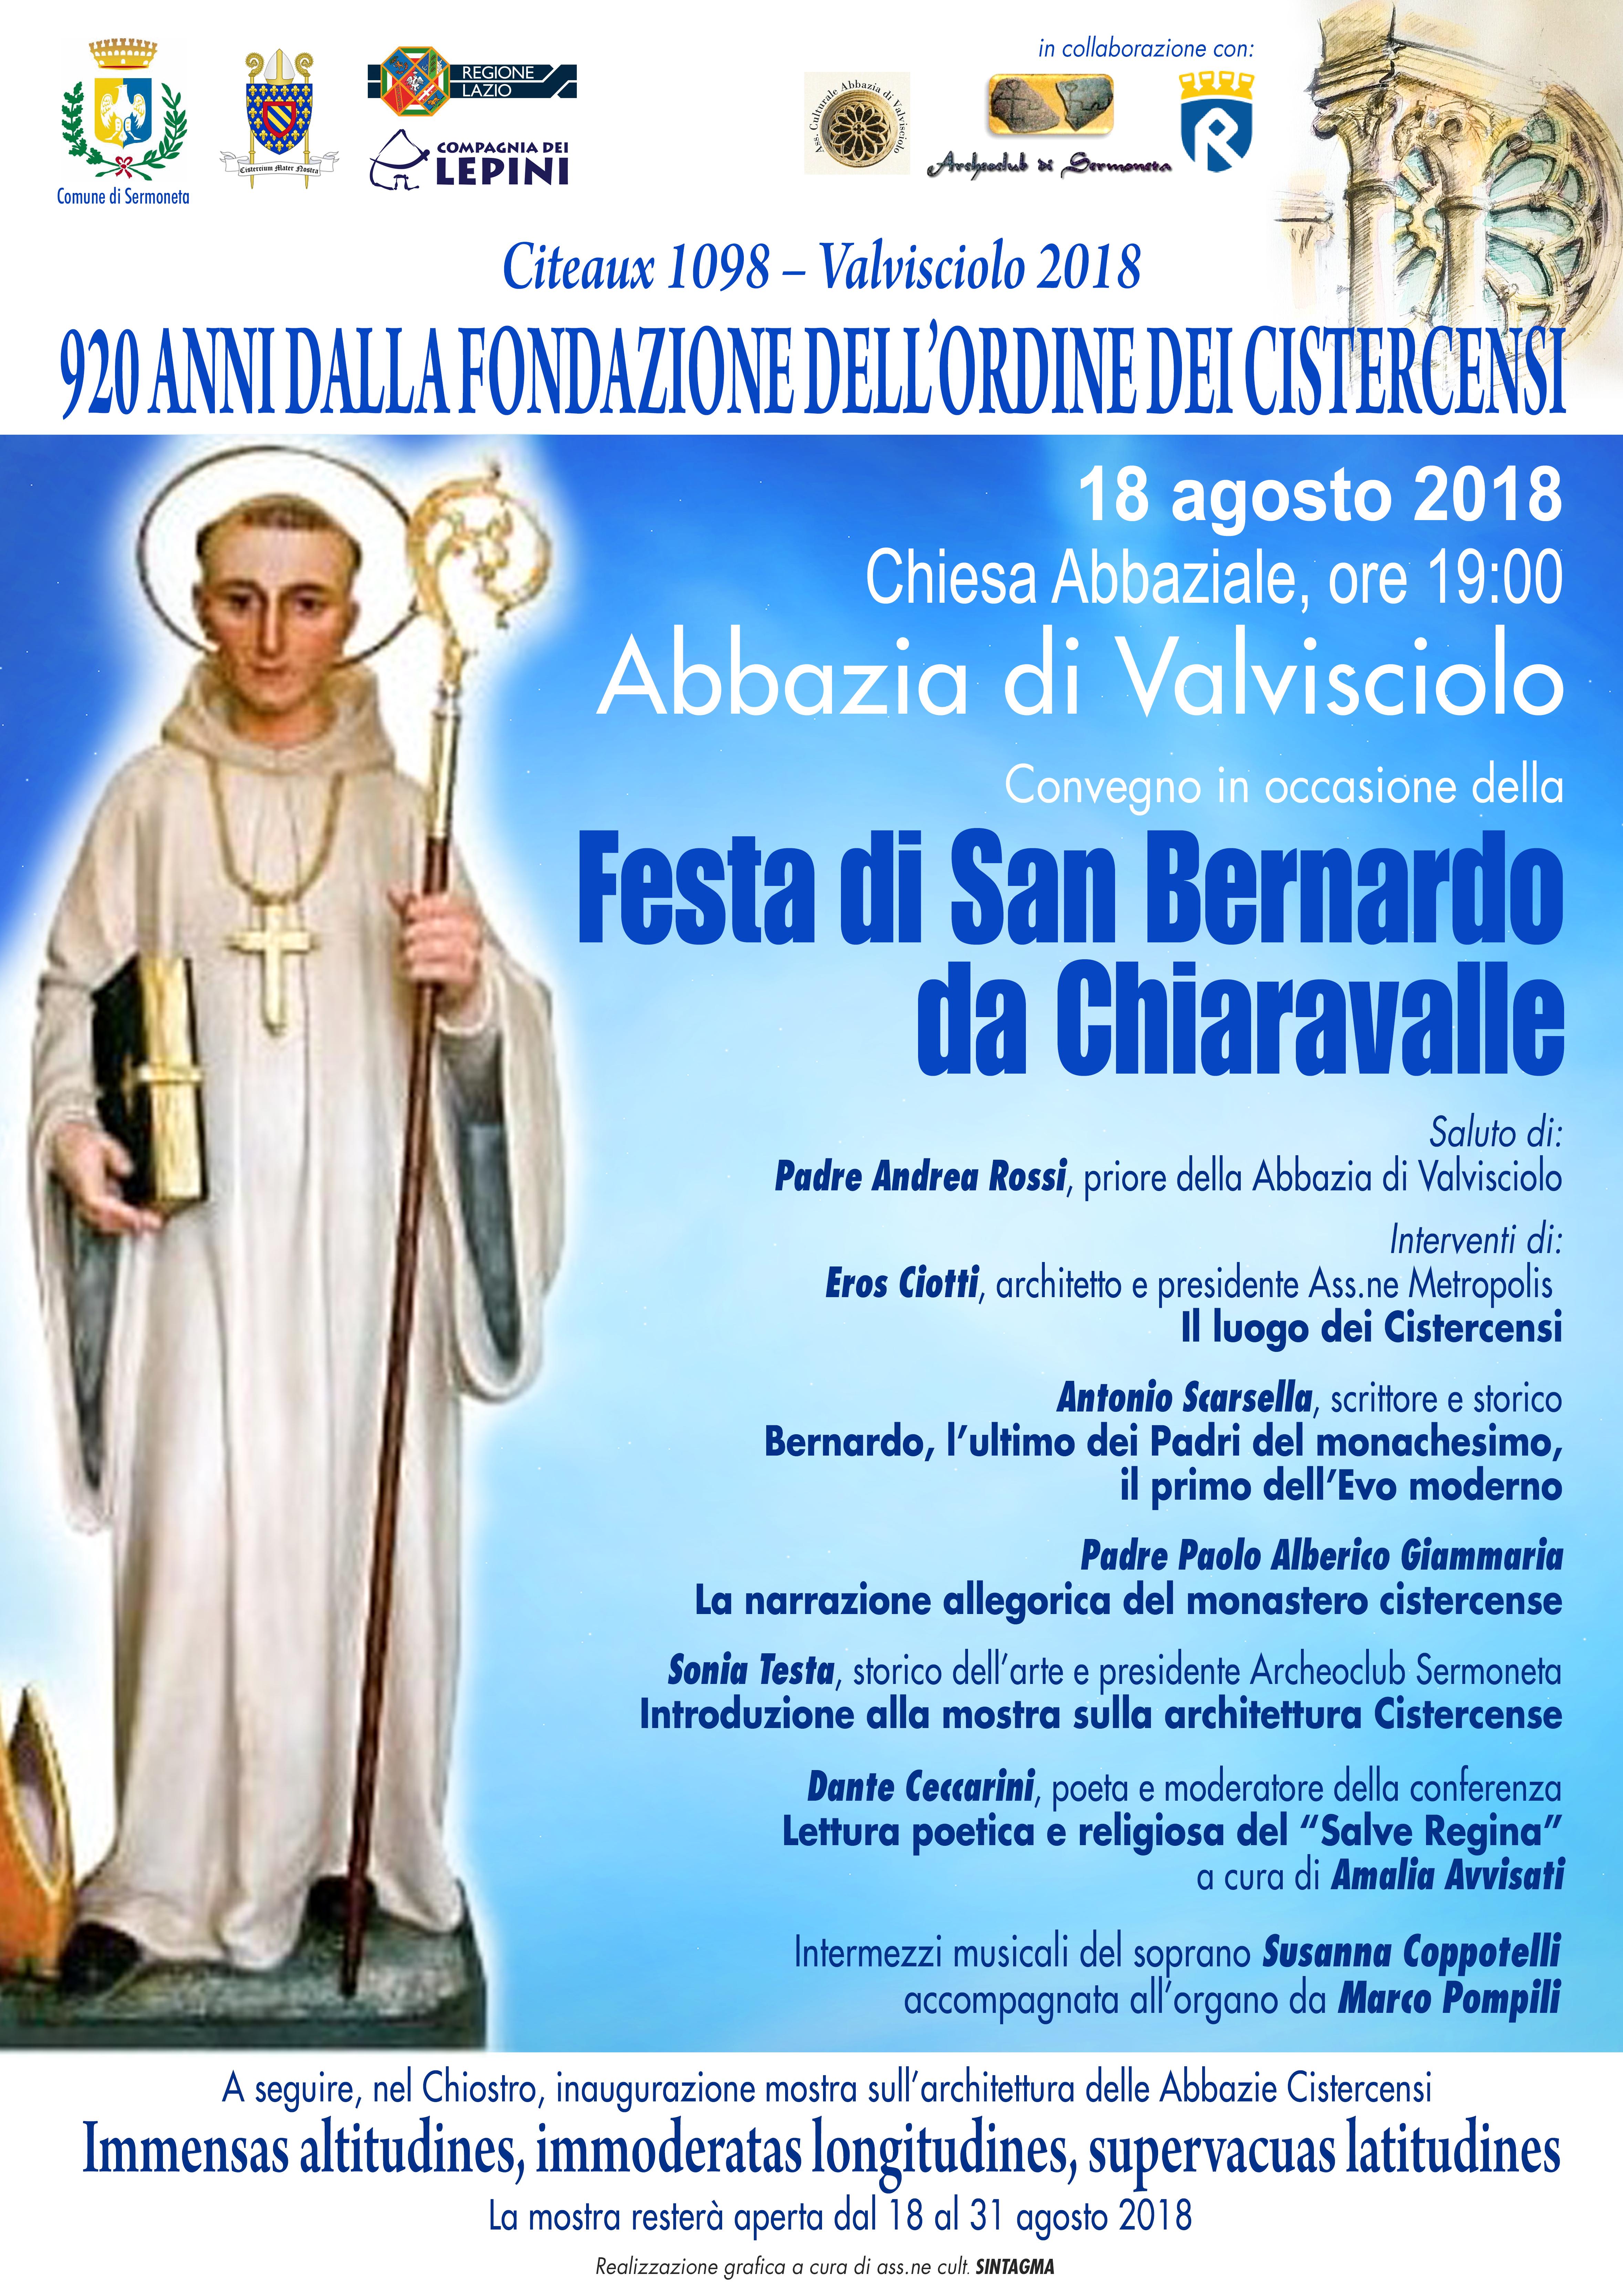 Valvisciolo, convegno in occasione della Festa di San Bernardo da Chiaravalle @ Abbazia di Valvisciolo, Sermoneta | Sermoneta | Lazio | Italia